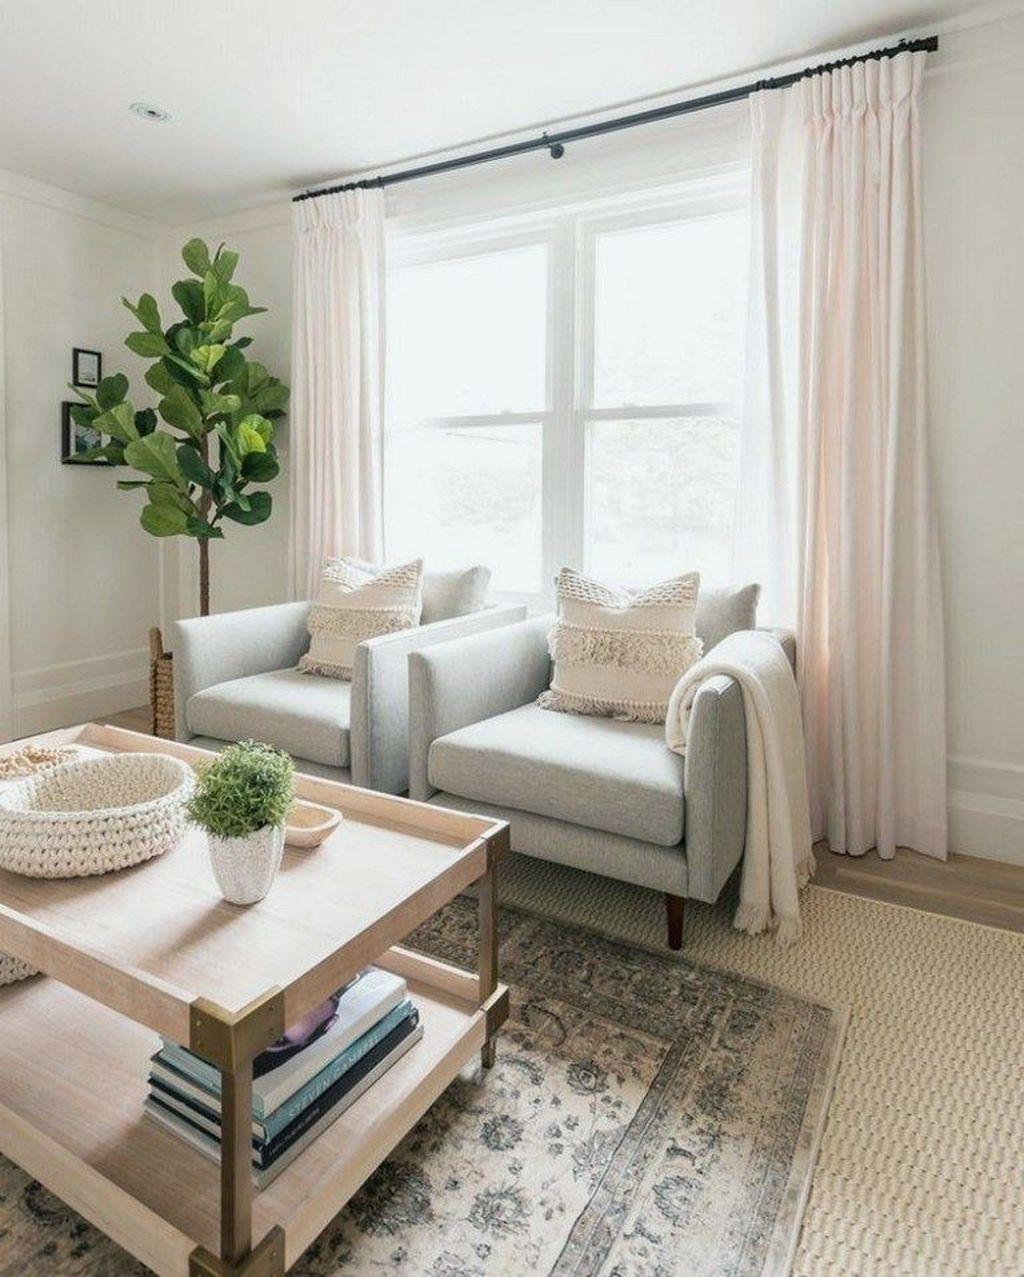 Small Living Roomdesign Ideas: 20+ Wonderful Neutral Living Room Design Ideas To Try